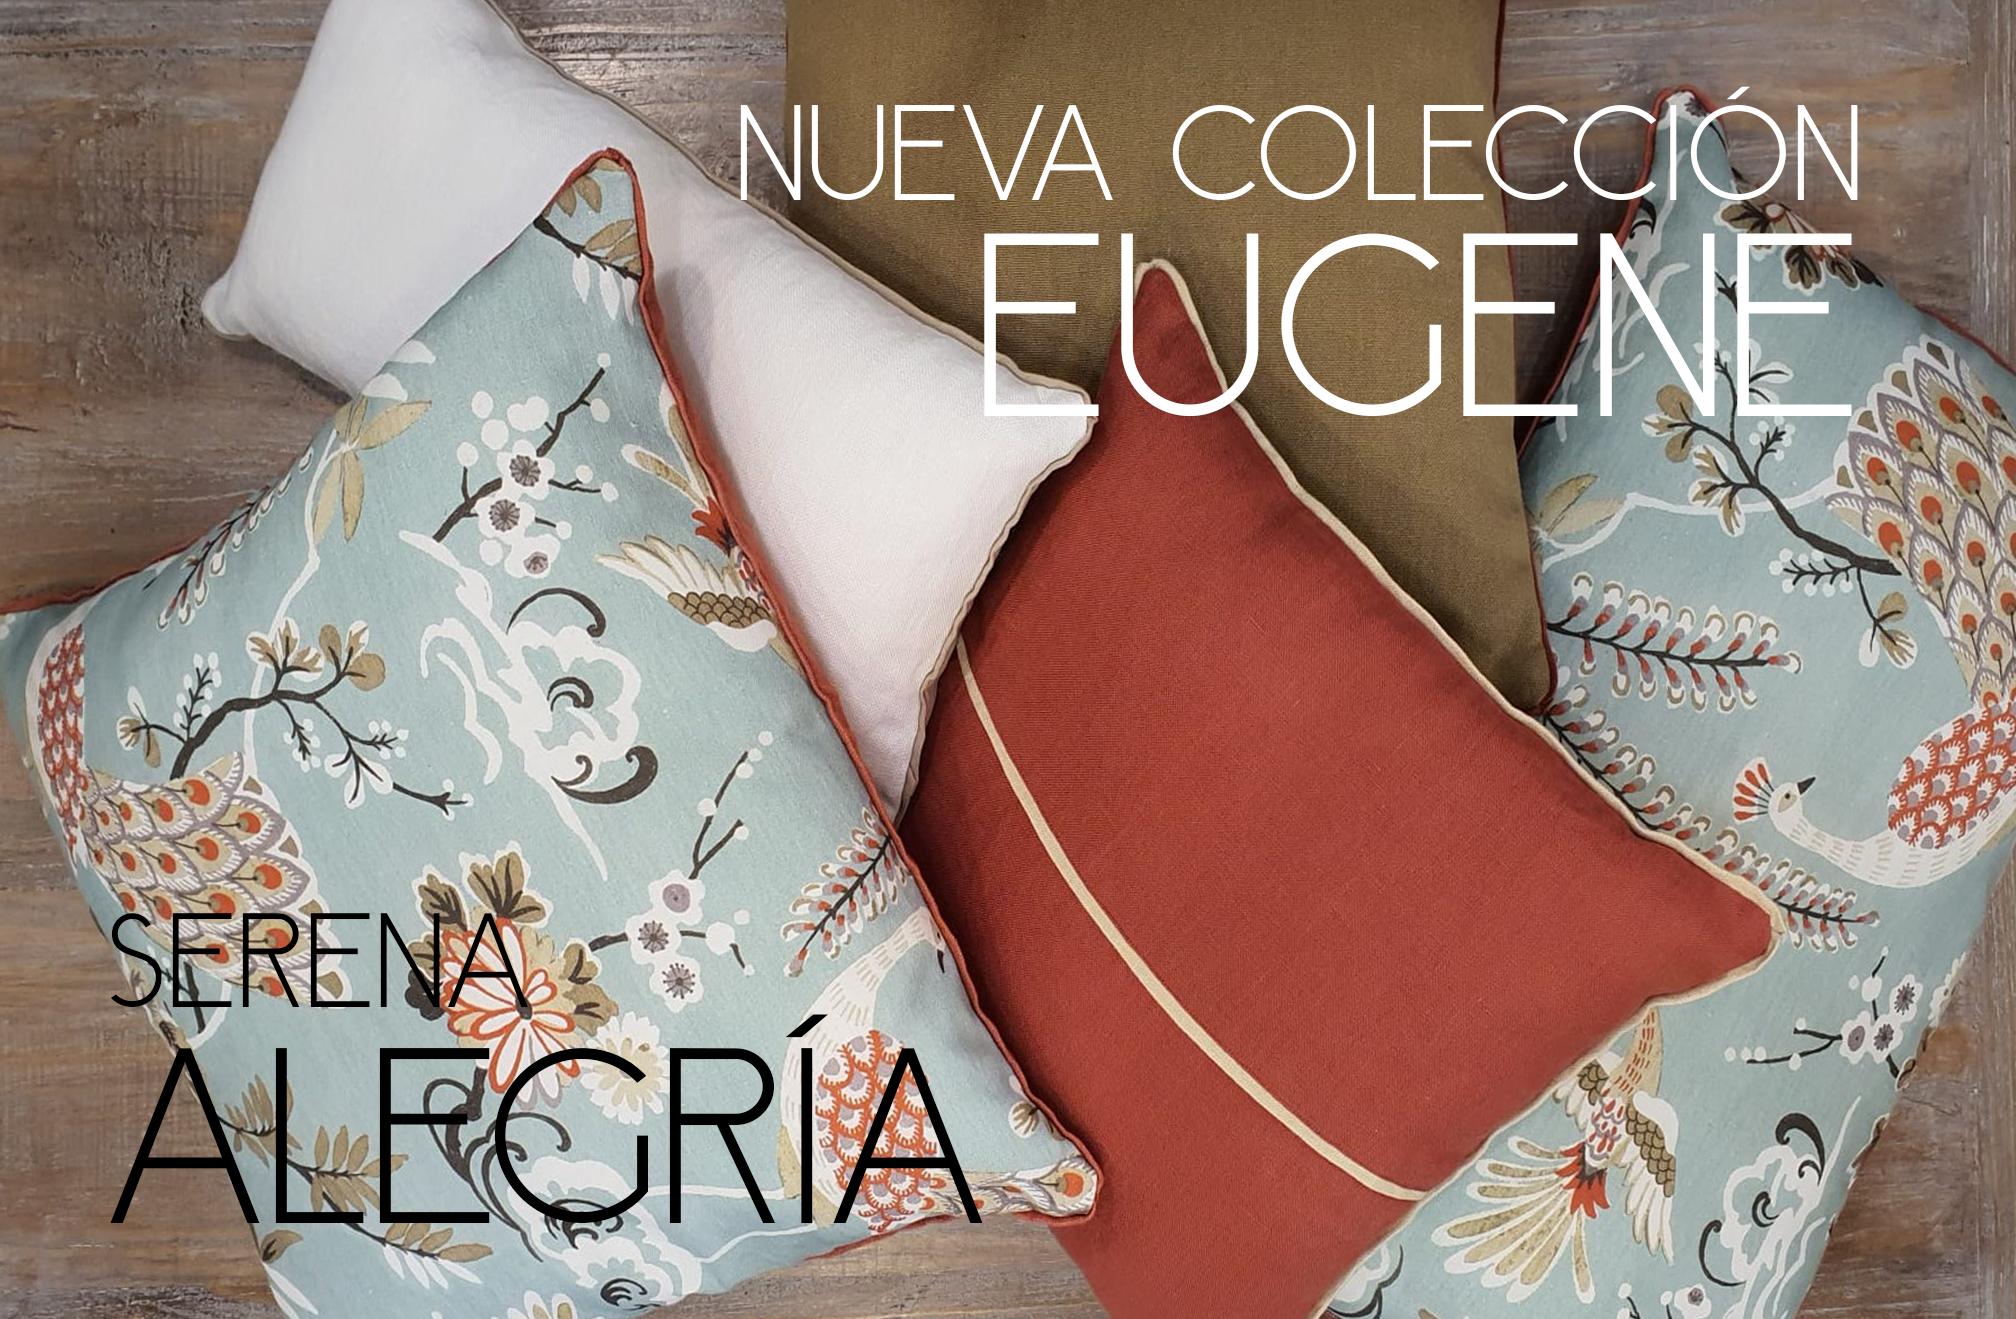 Colección Cojines Eugene: COLECCIONES de Casa Nativa